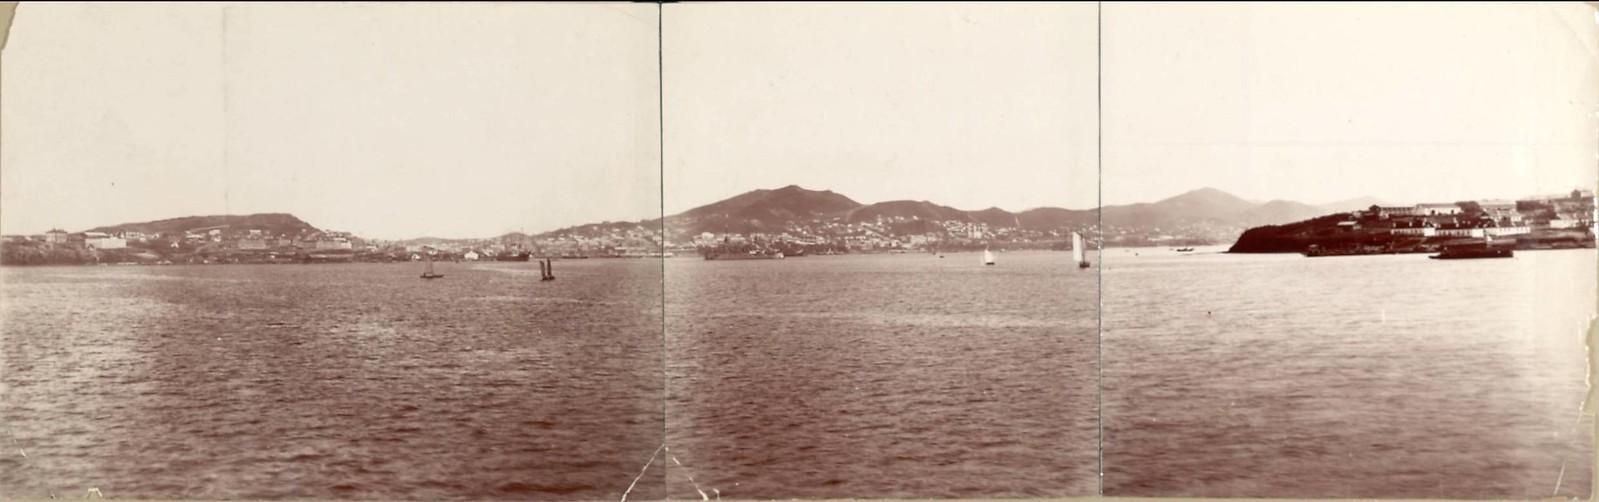 Владивосток. Панорама города